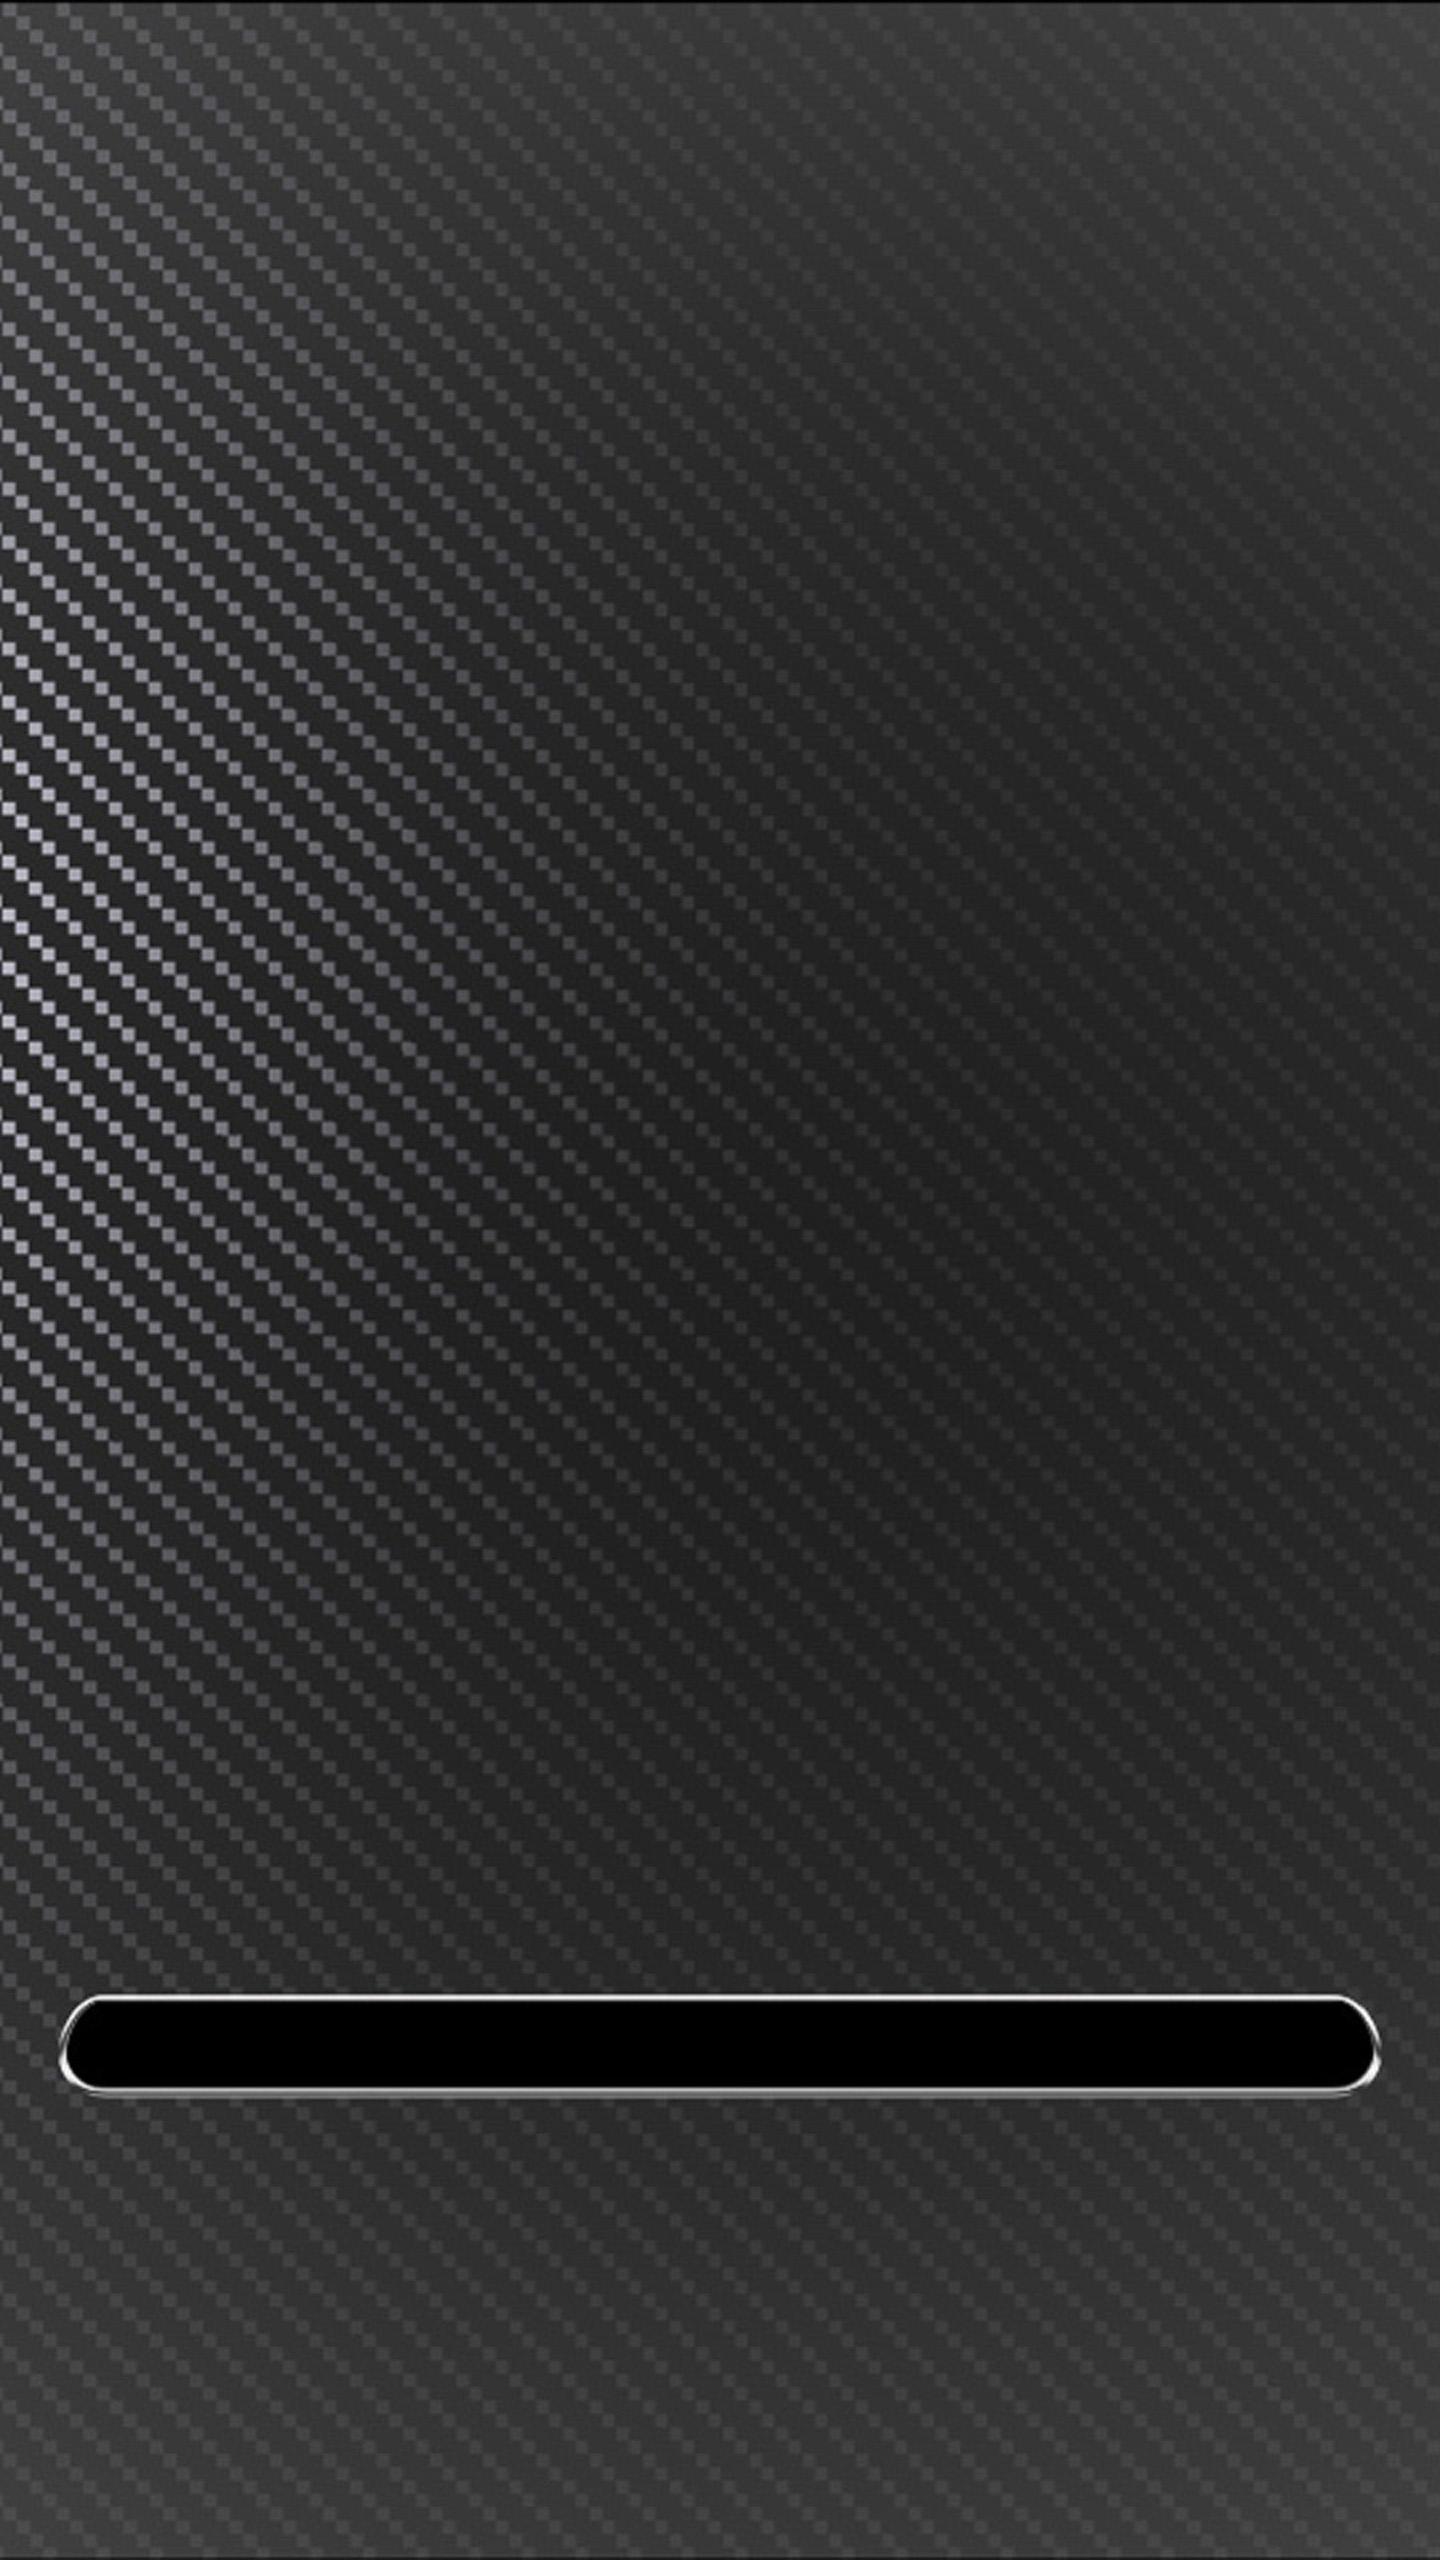 carbon fiber 1440x2560